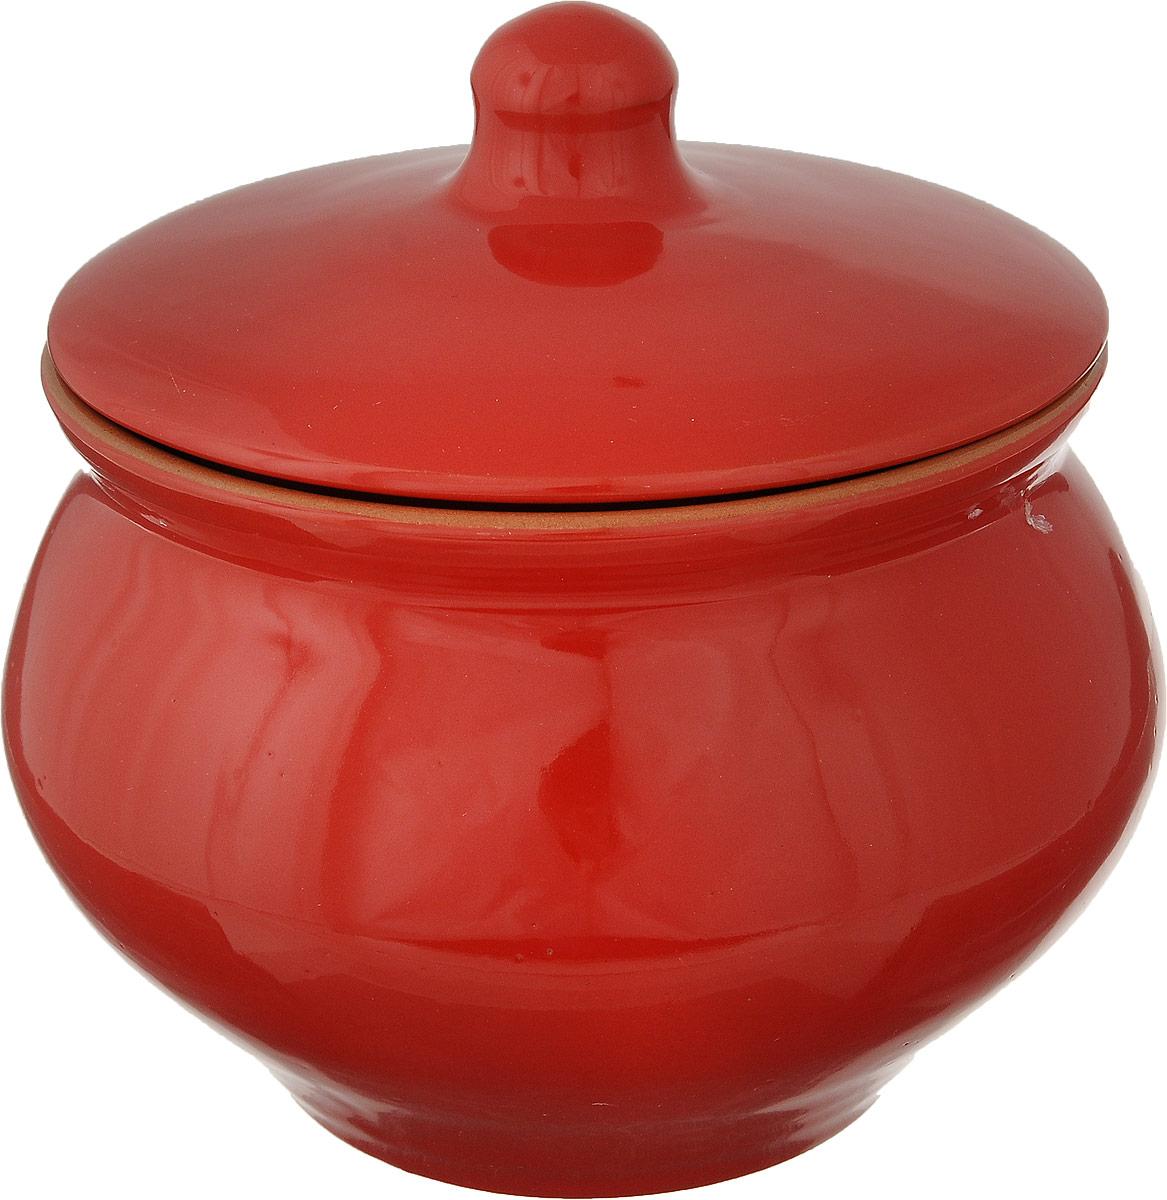 Горшочек для запекания Борисовская керамика Красный, 1,3 лКРС14456758Если вы любите готовить небольшие блюда, вроде сытных жульенов или отдельно запеченного мяса - горшочек для запекания Борисовская керамика Красный именно для вас. Он выполнен из высококачественной керамики.Горшочек подходит для использования в духовке и микроволновой печи.